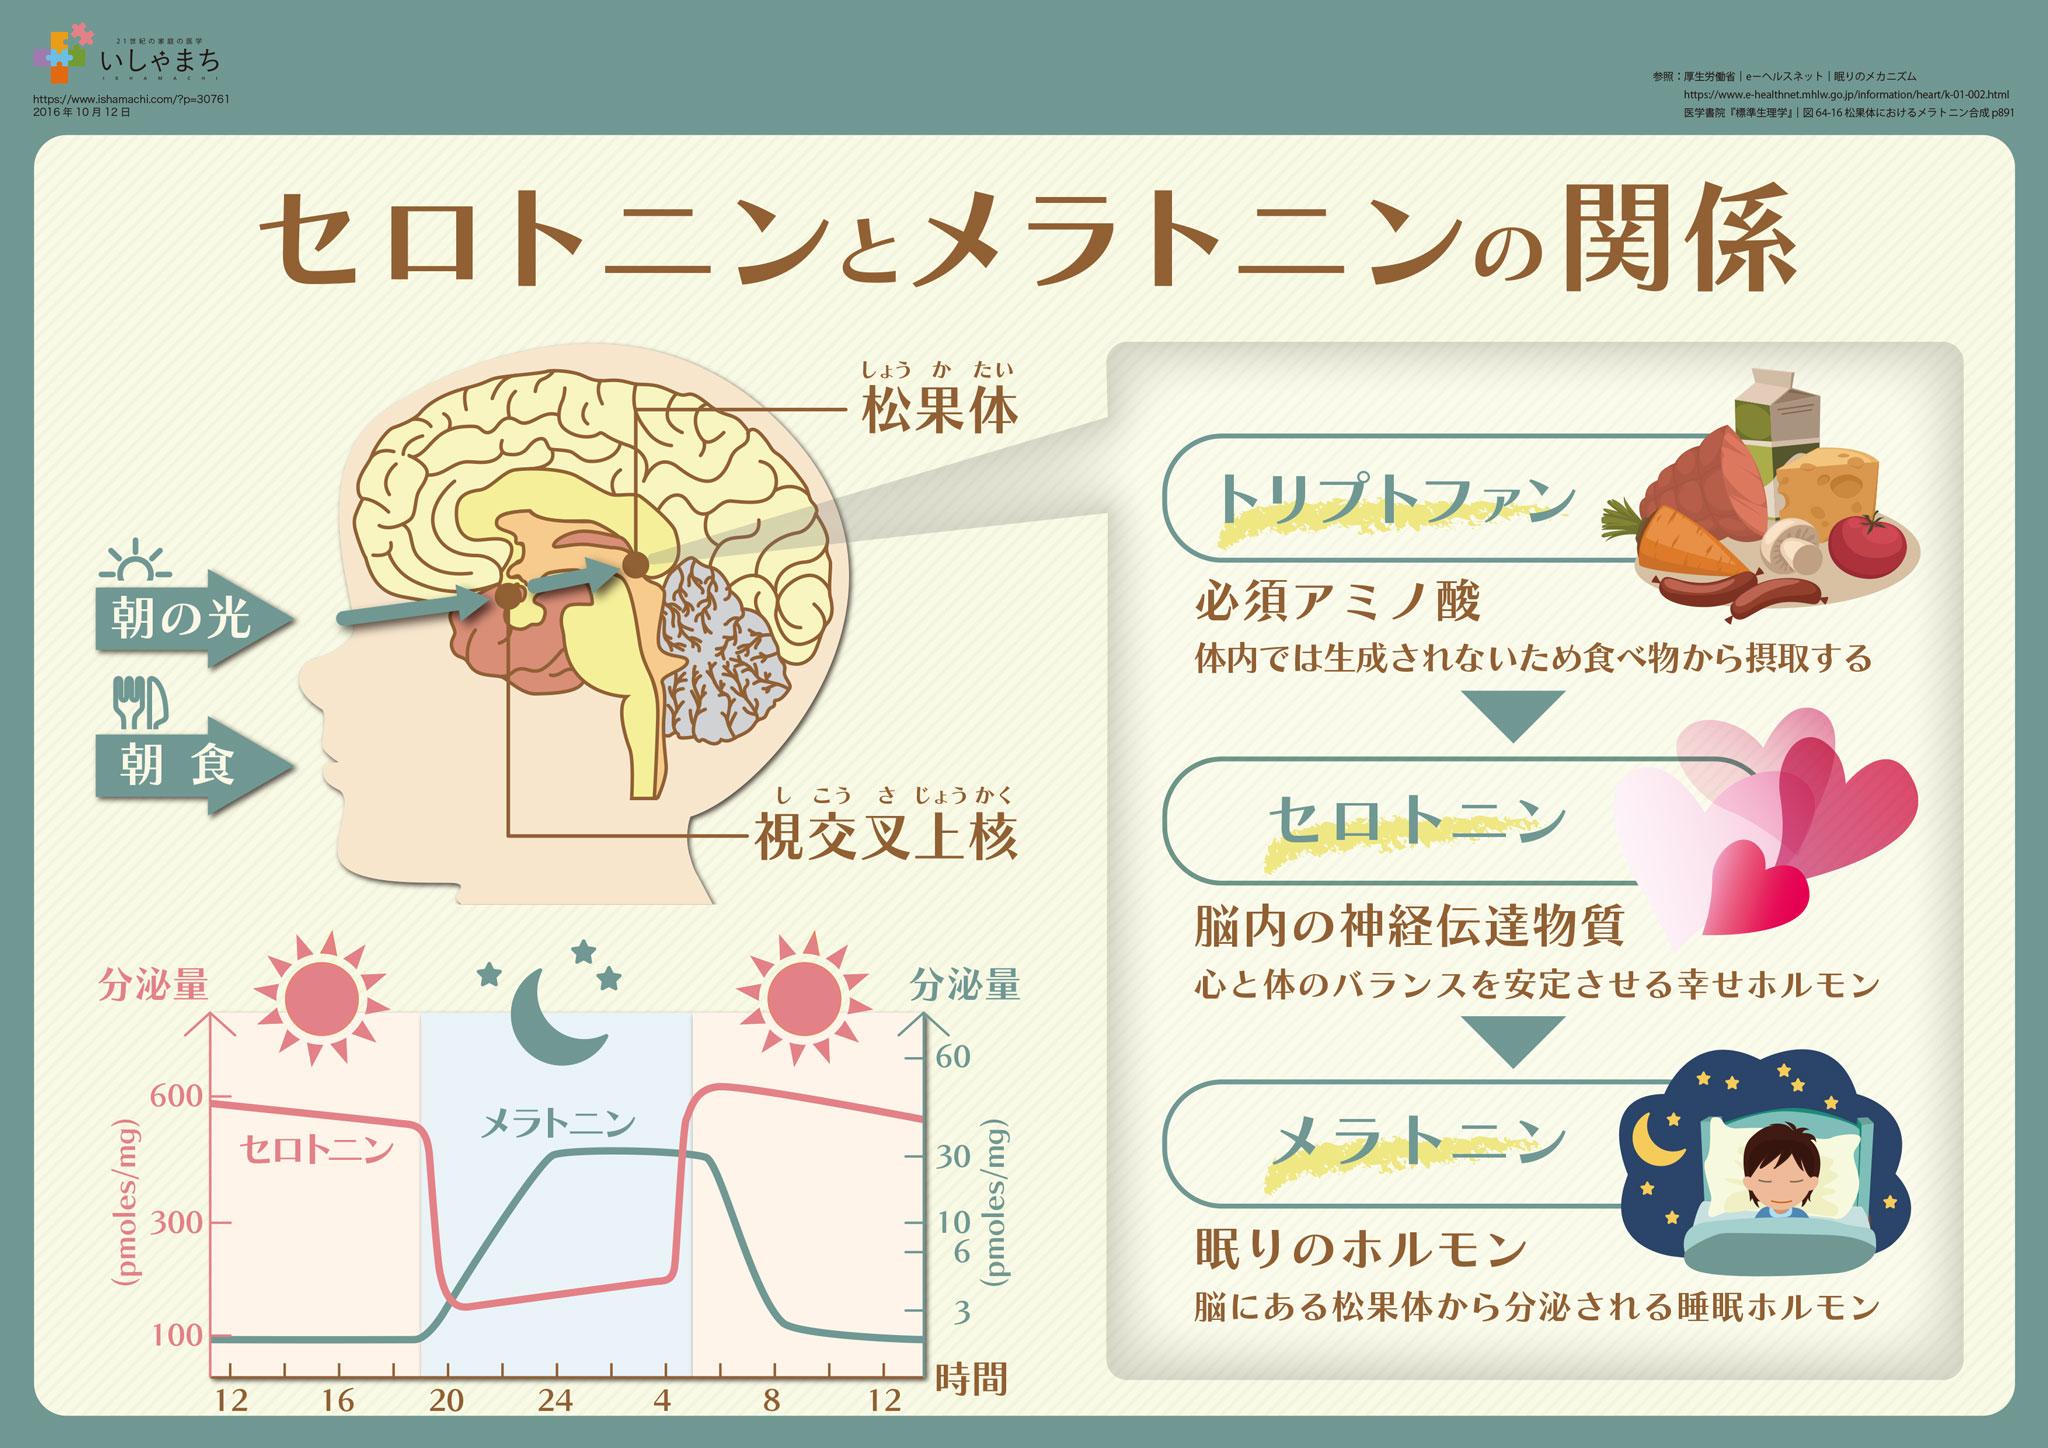 睡眠ホルモン セロトニンとメラトニンの関係